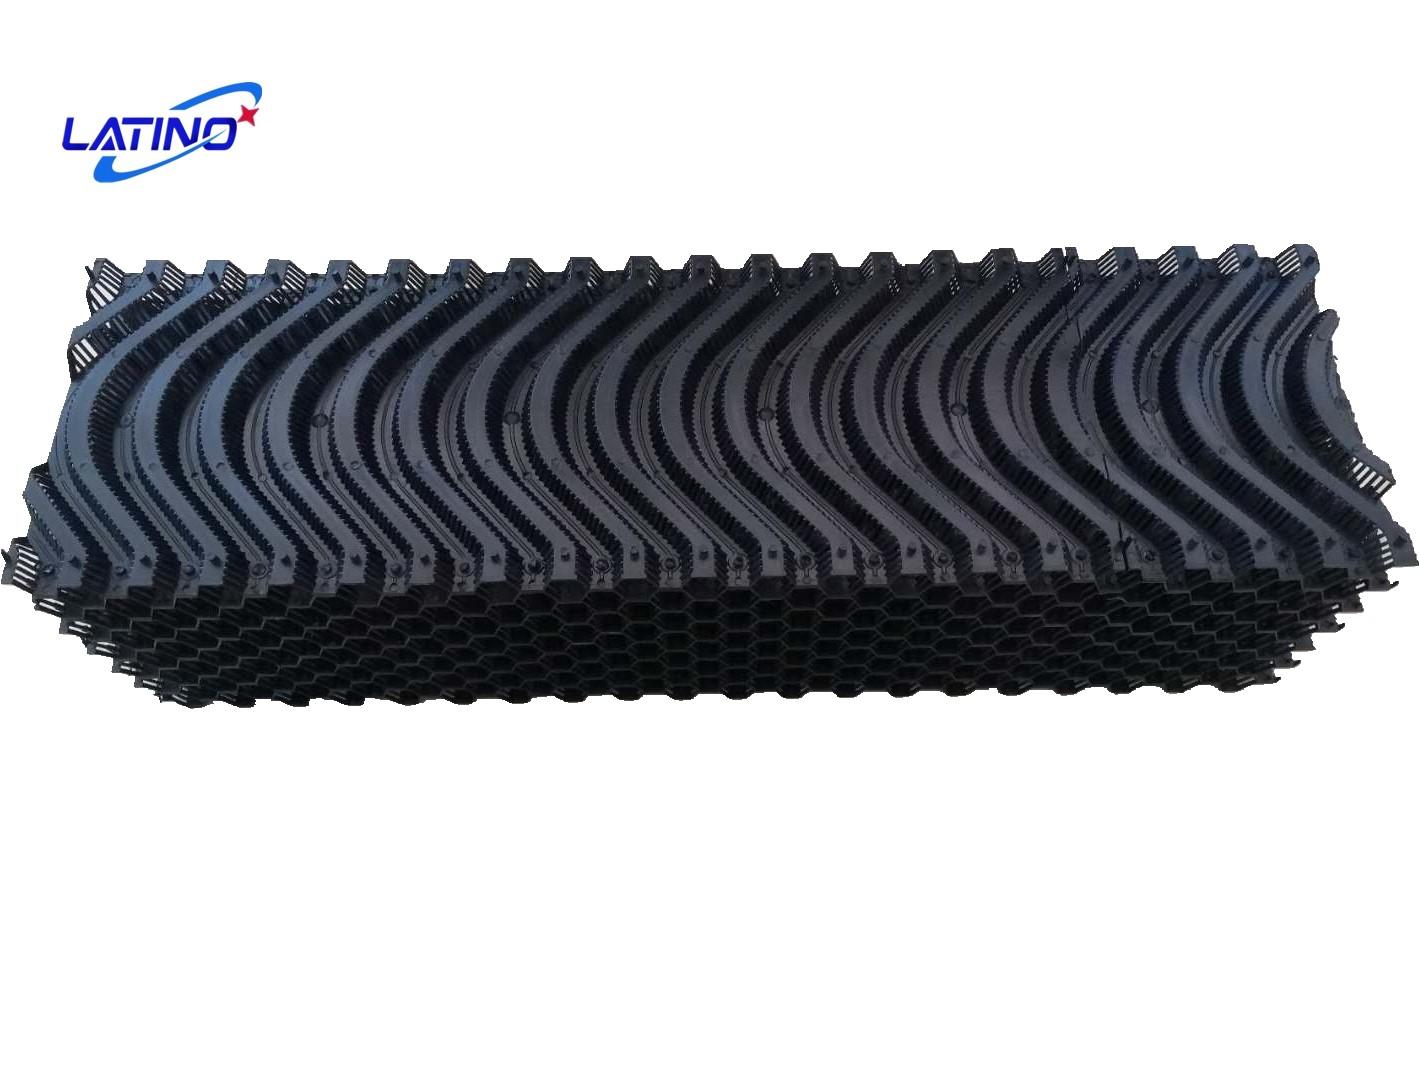 Almohadilla de enfriamiento evaporativo L3000 * H2000 * T150 7090 con marco de aleación de aluminio para granja avícola